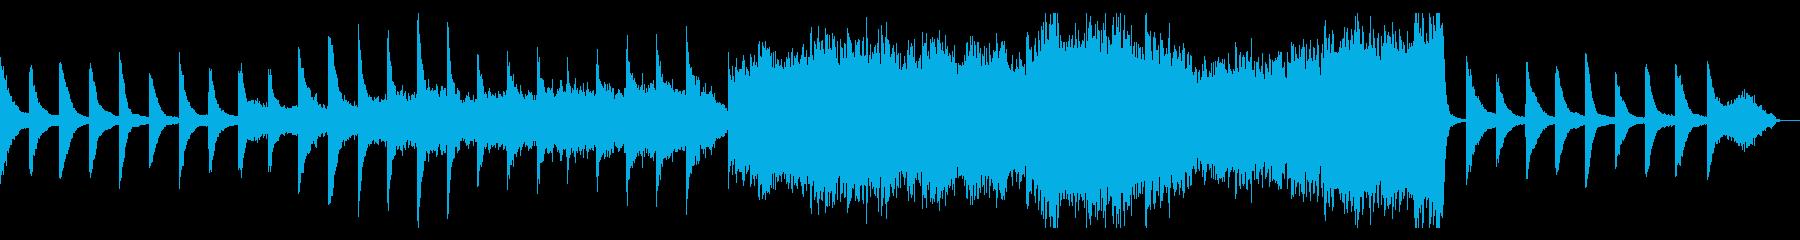 優しいノスタルジックな曲:フルバージョンの再生済みの波形